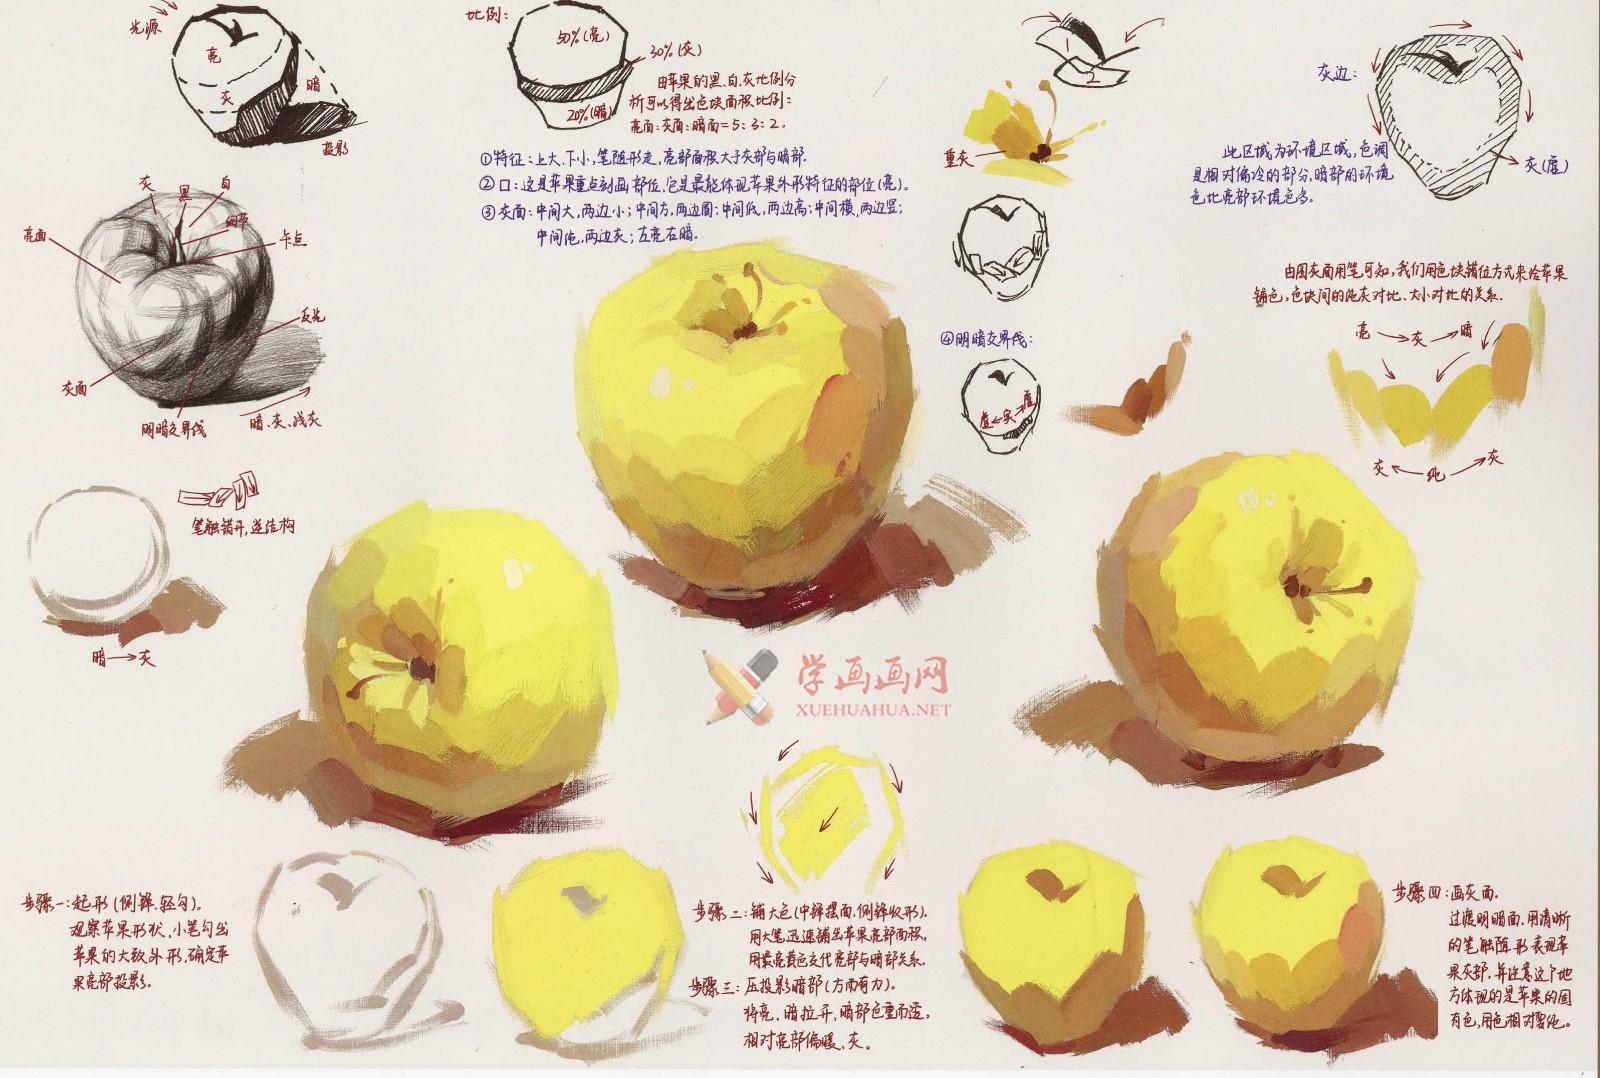 水粉画单体静物:苹果的画法图解及临摹高清范画图片(1)